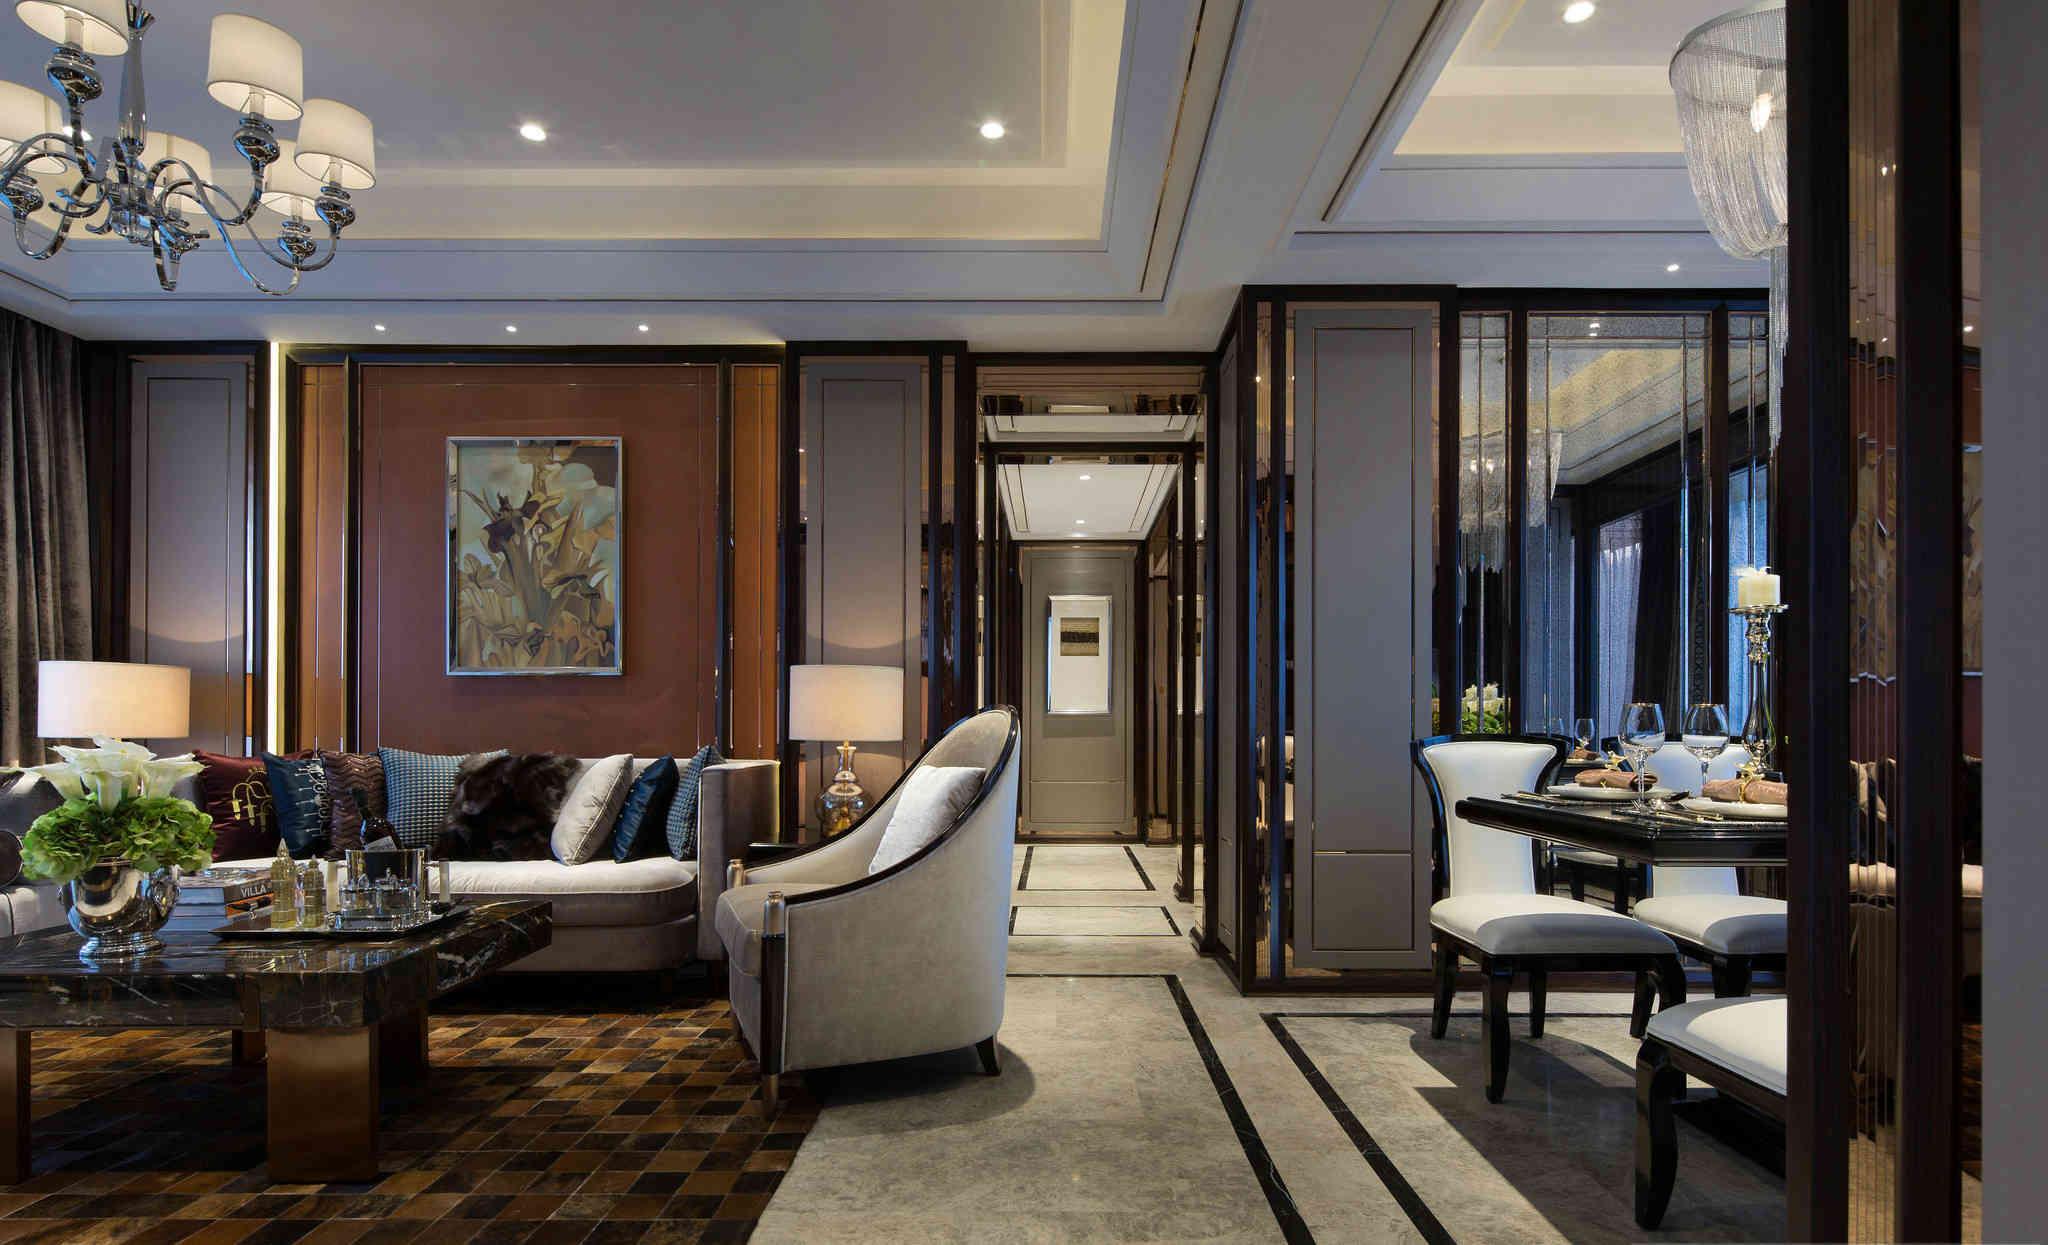 收纳 餐厅 混搭 三居 客厅 卧室图片来自武汉拜斯达装饰设计工程有限公司在美图专辑的分享